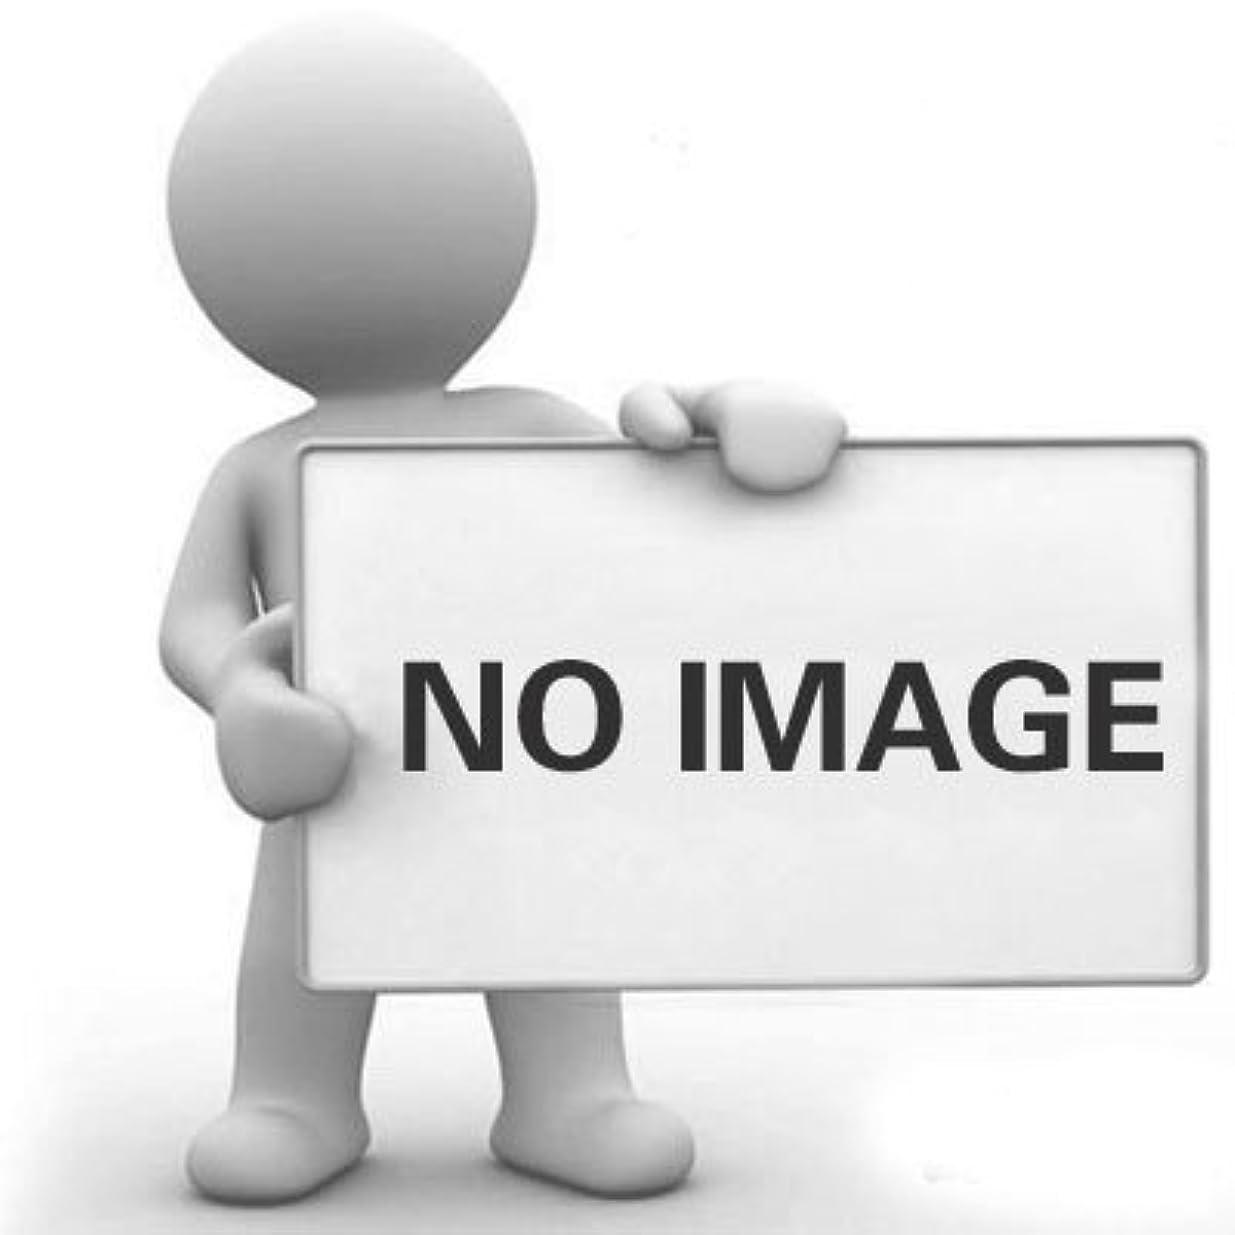 むさぼり食う平和なシロナガスクジラToygogo 2ピースプロフェッショナルセクショニングウィービングハイライトハイライトヘアコームカラーリング染色ヘアブラシキットと交換可能フックブラック